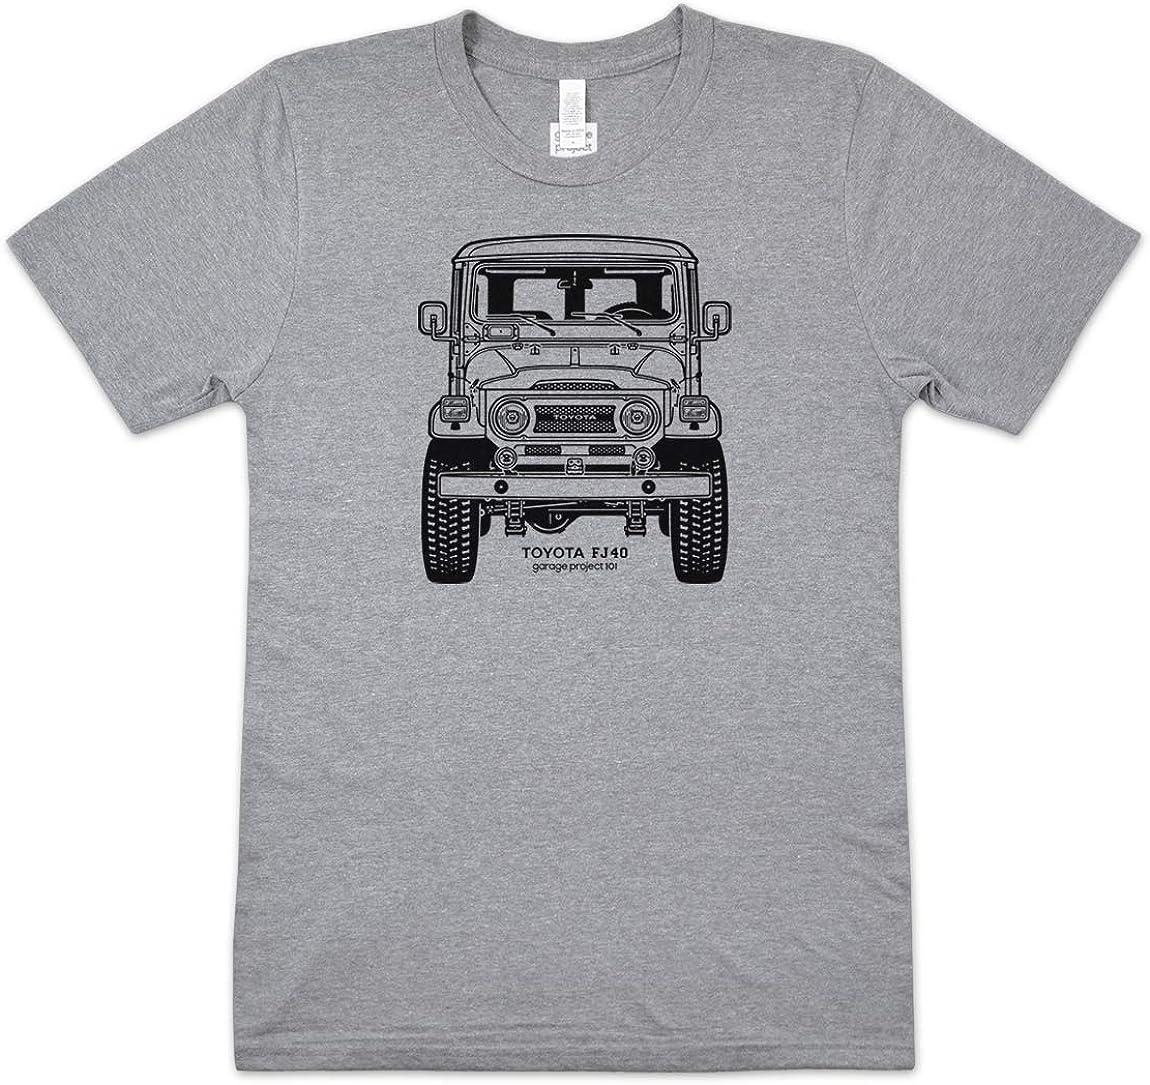 Sweatshirt For Mens Womens Ladies Kids Short Sleeves Shirt FJ40 land cruiser Classic TShirt Unisex Hoodie